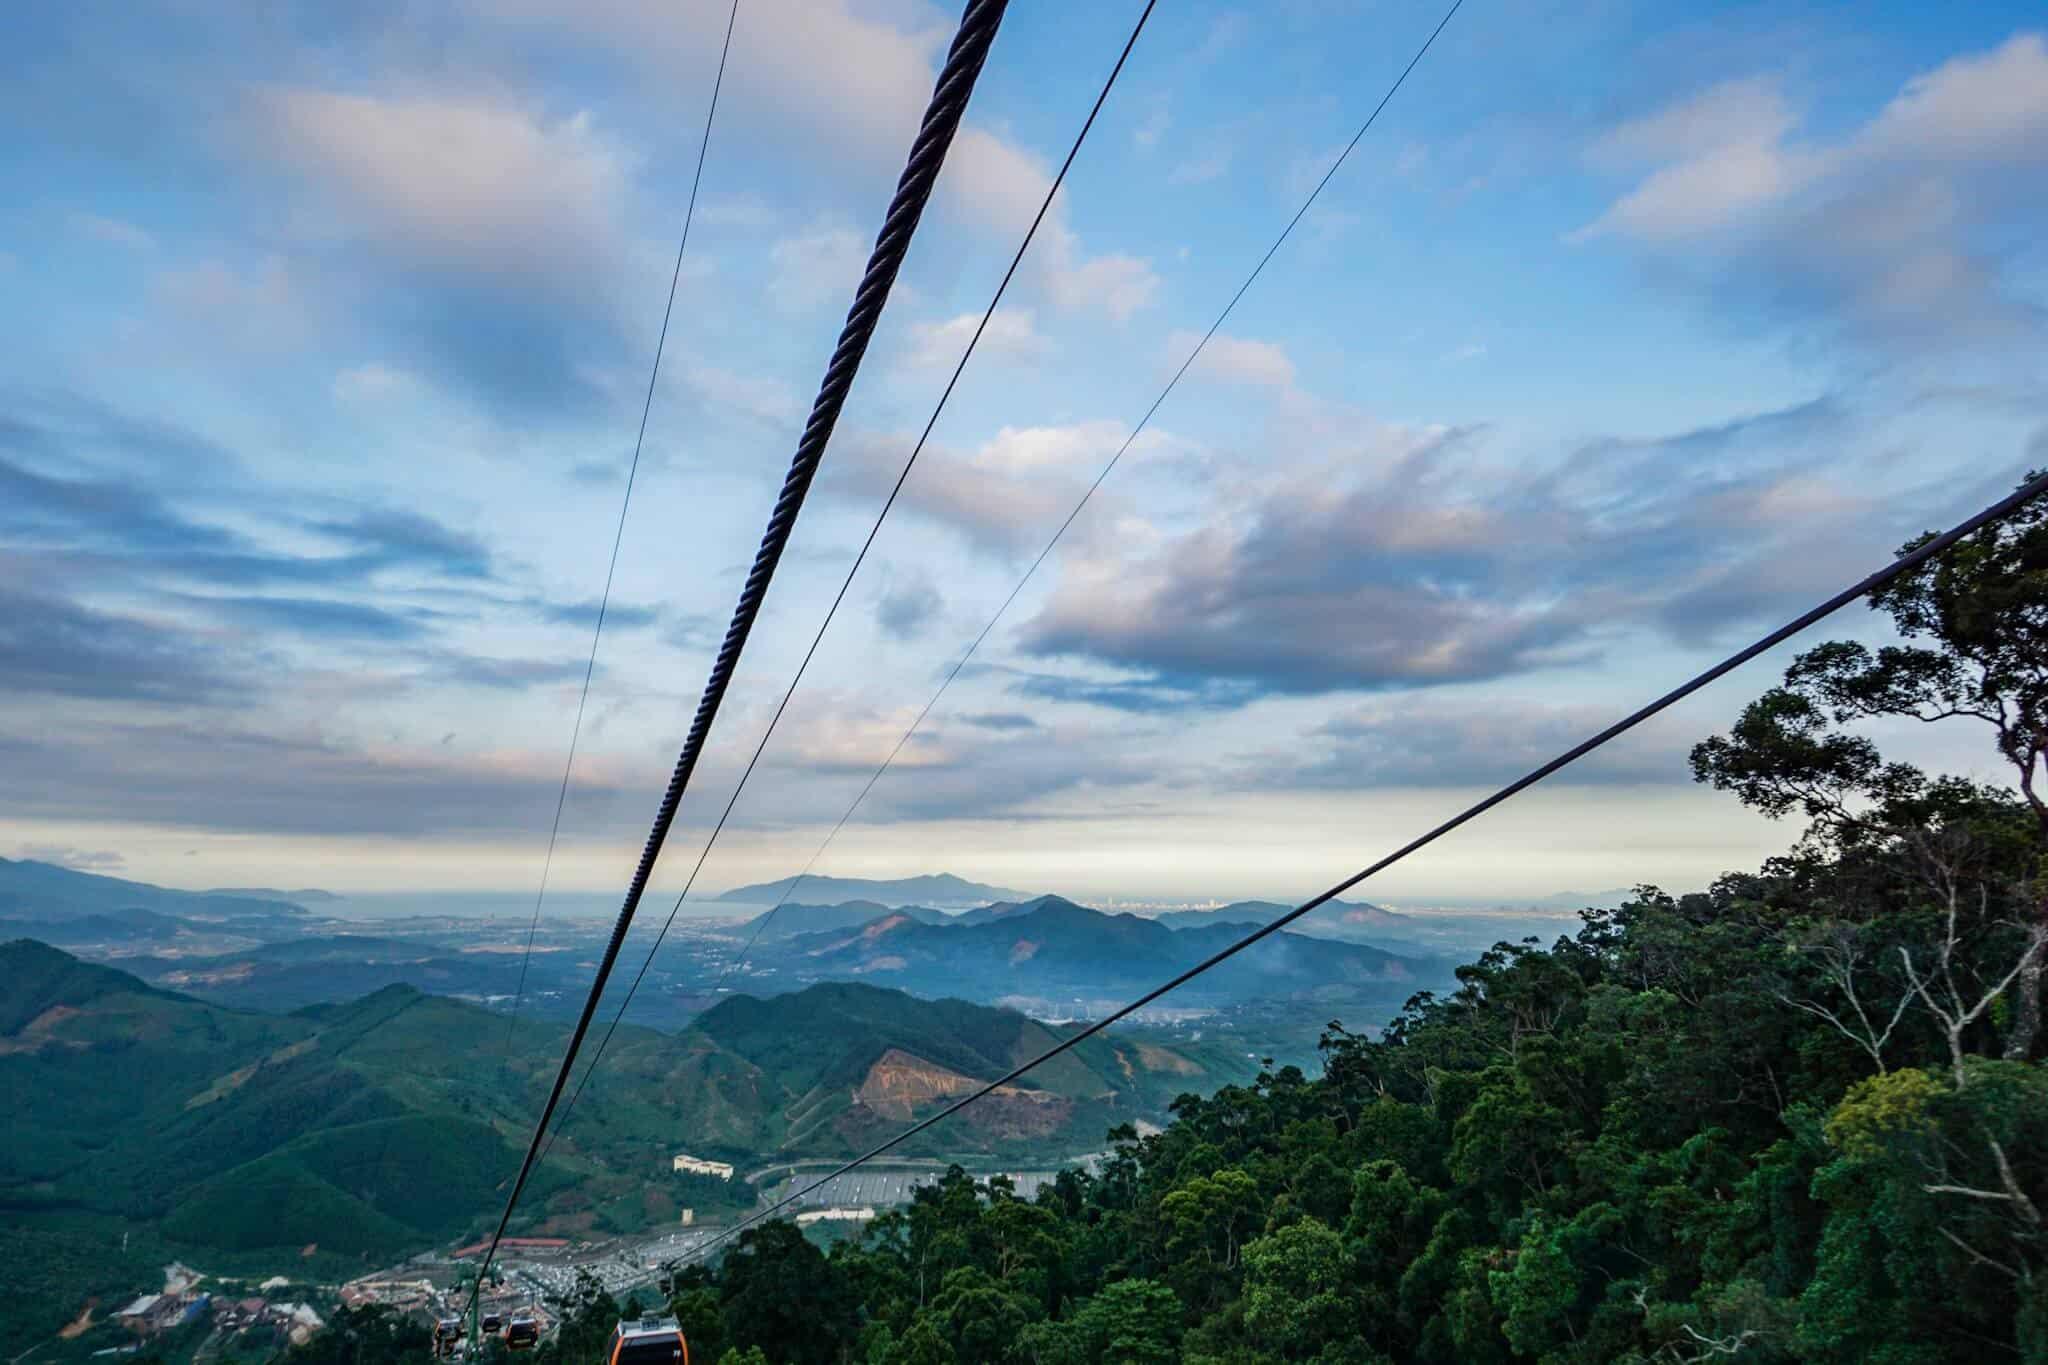 Da Nang Sunworld Cable Car 6